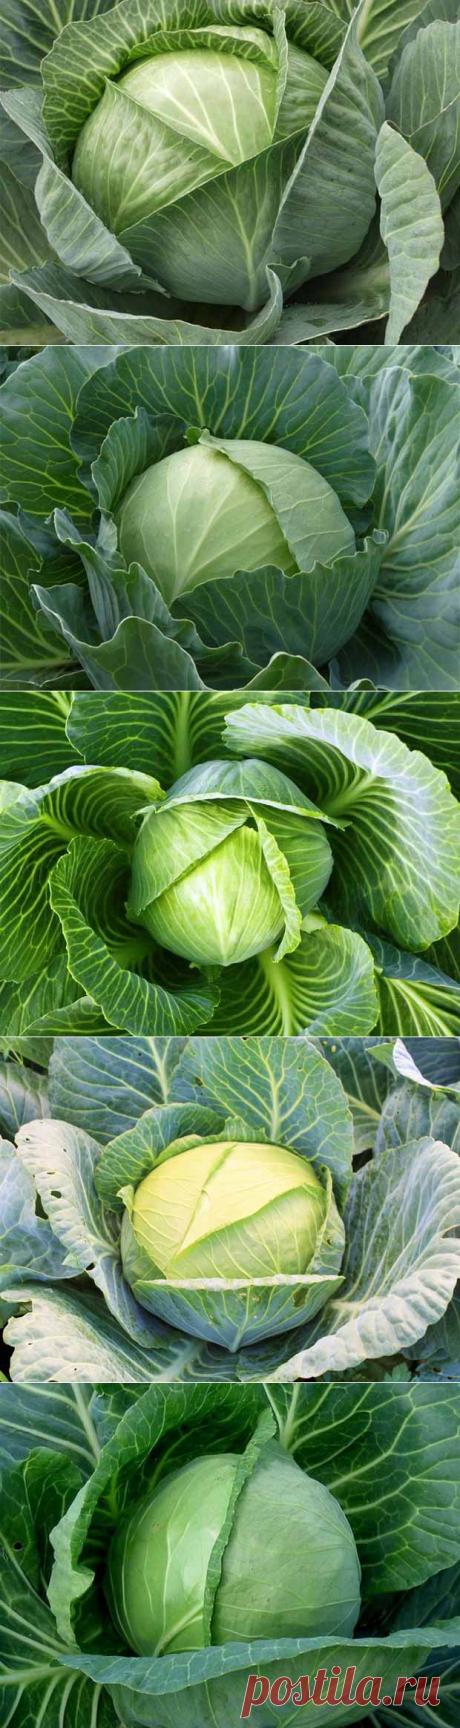 Самые популярные сорта капусты: достоинства и недостатки, фото